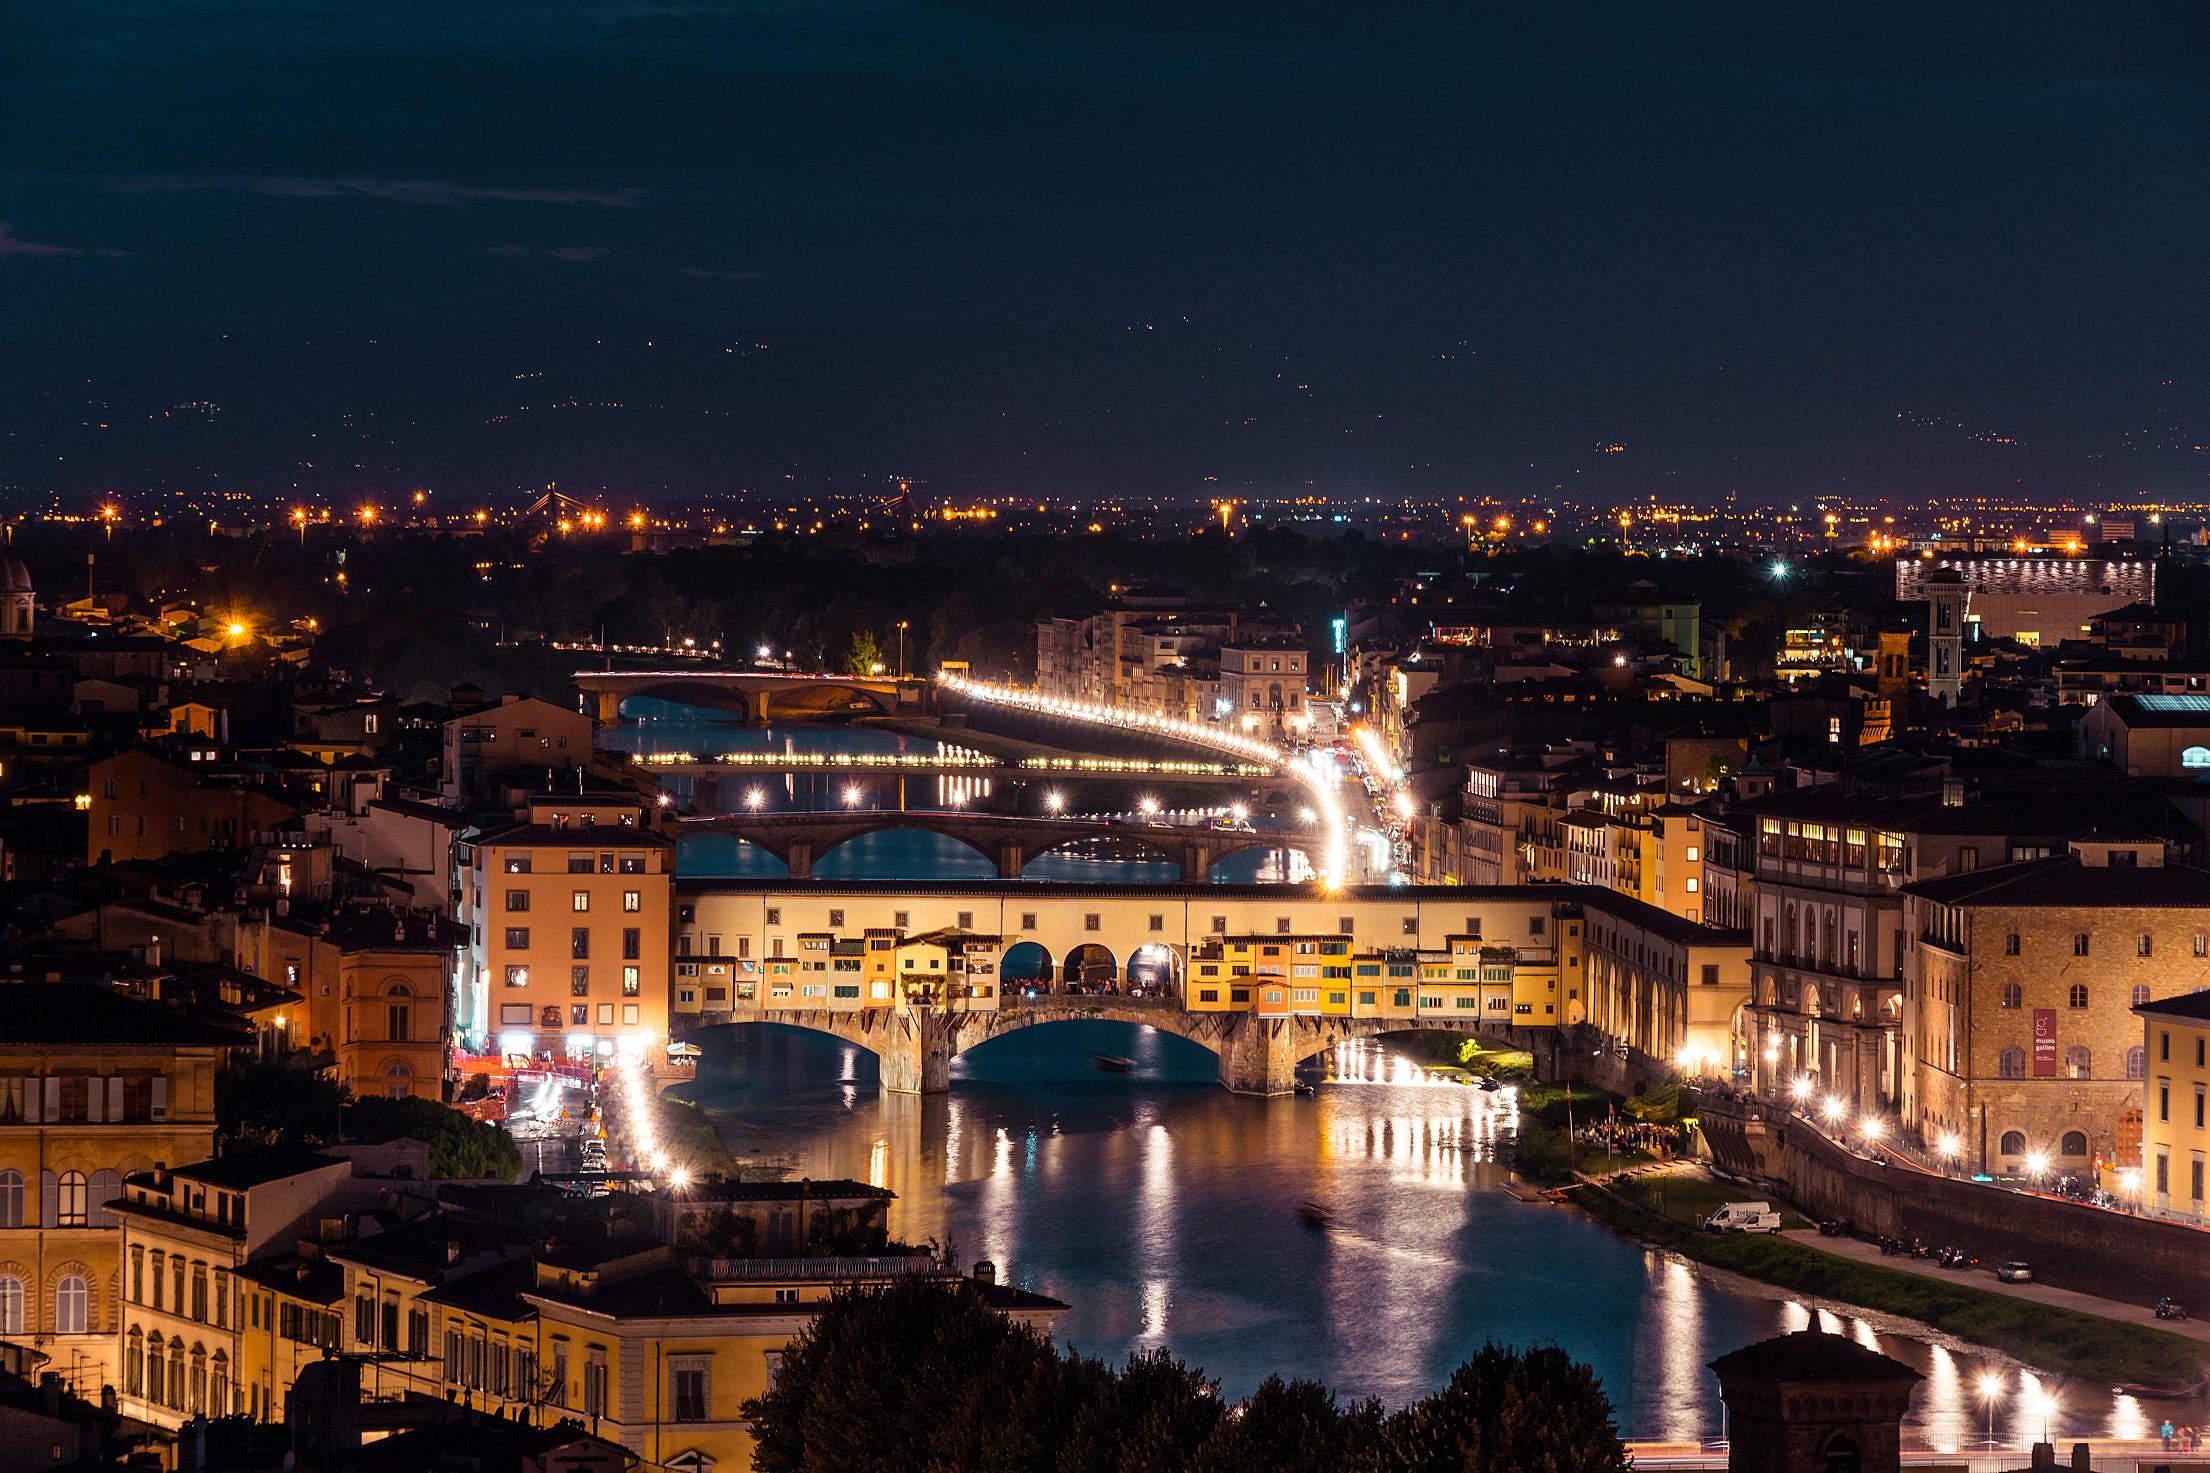 城市,夜景,建筑,桥,城市远景 自然风景-第1张